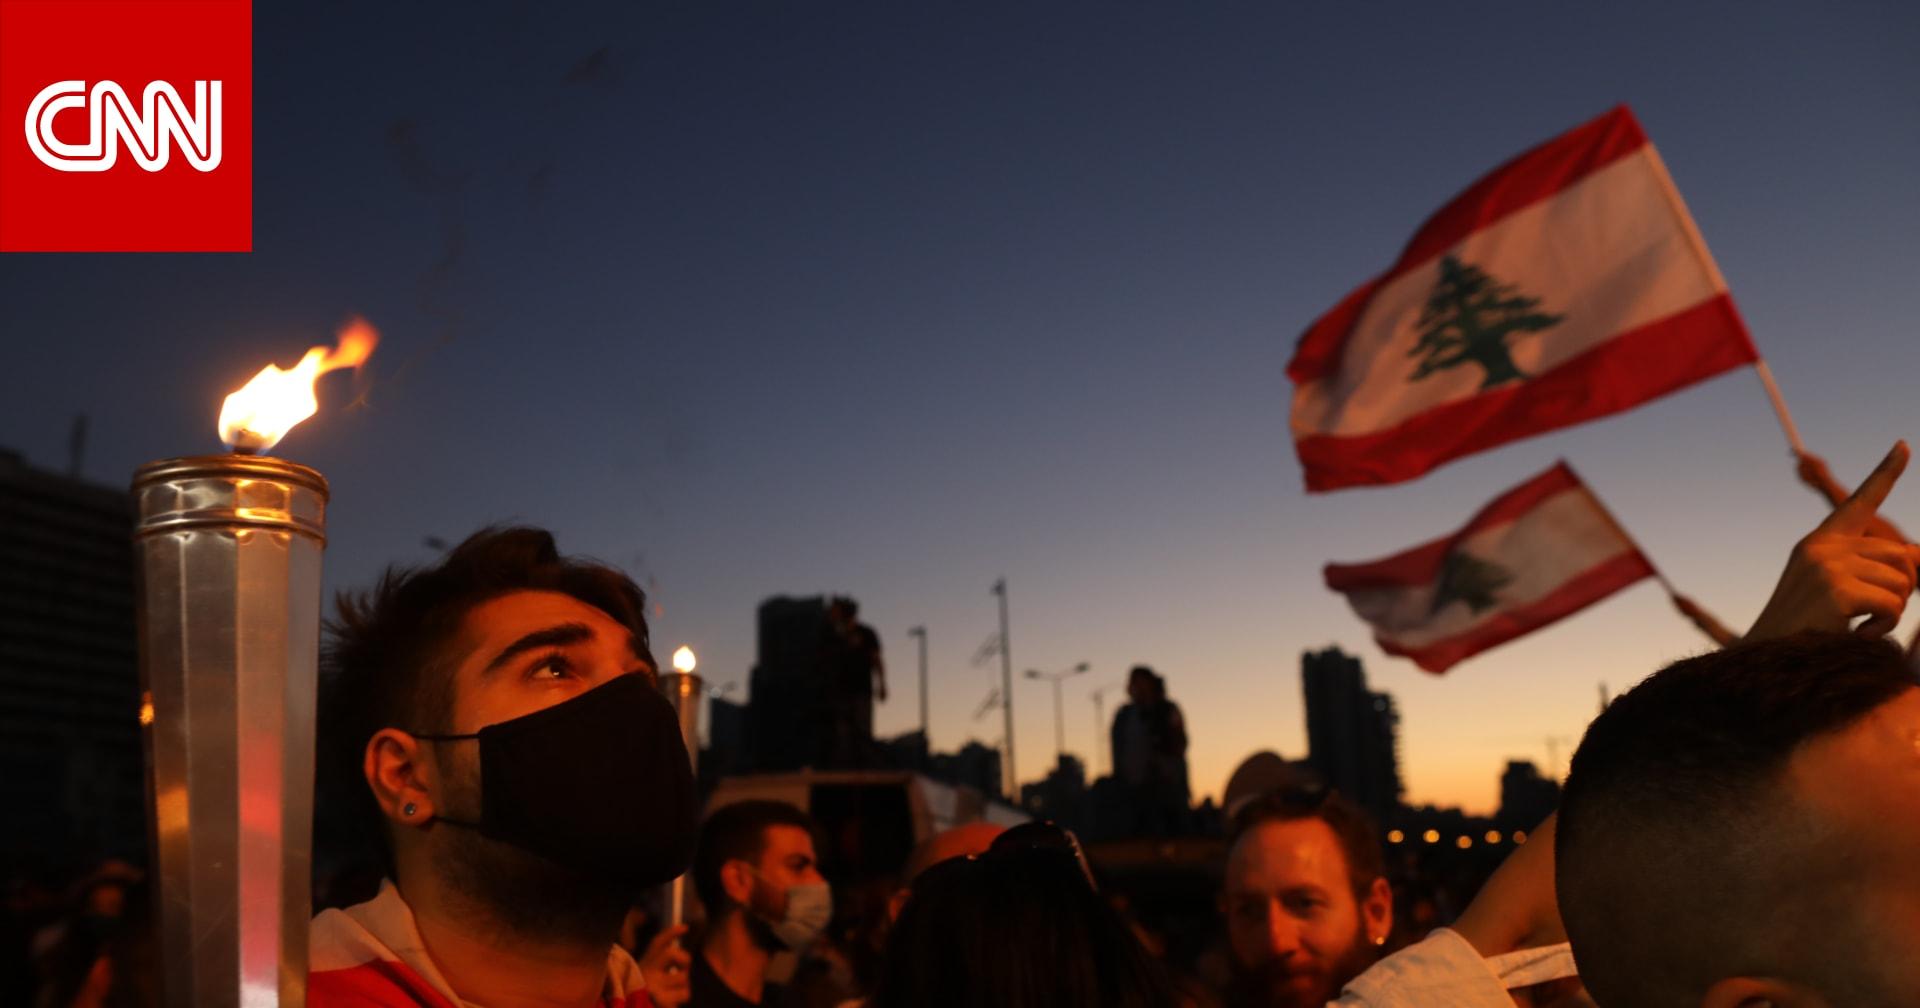 لبنان: قرار حكومي بإغلاق المؤسسات العامة وتنكيس الأعلام في ذكرى تفجير مرفأ بيروت